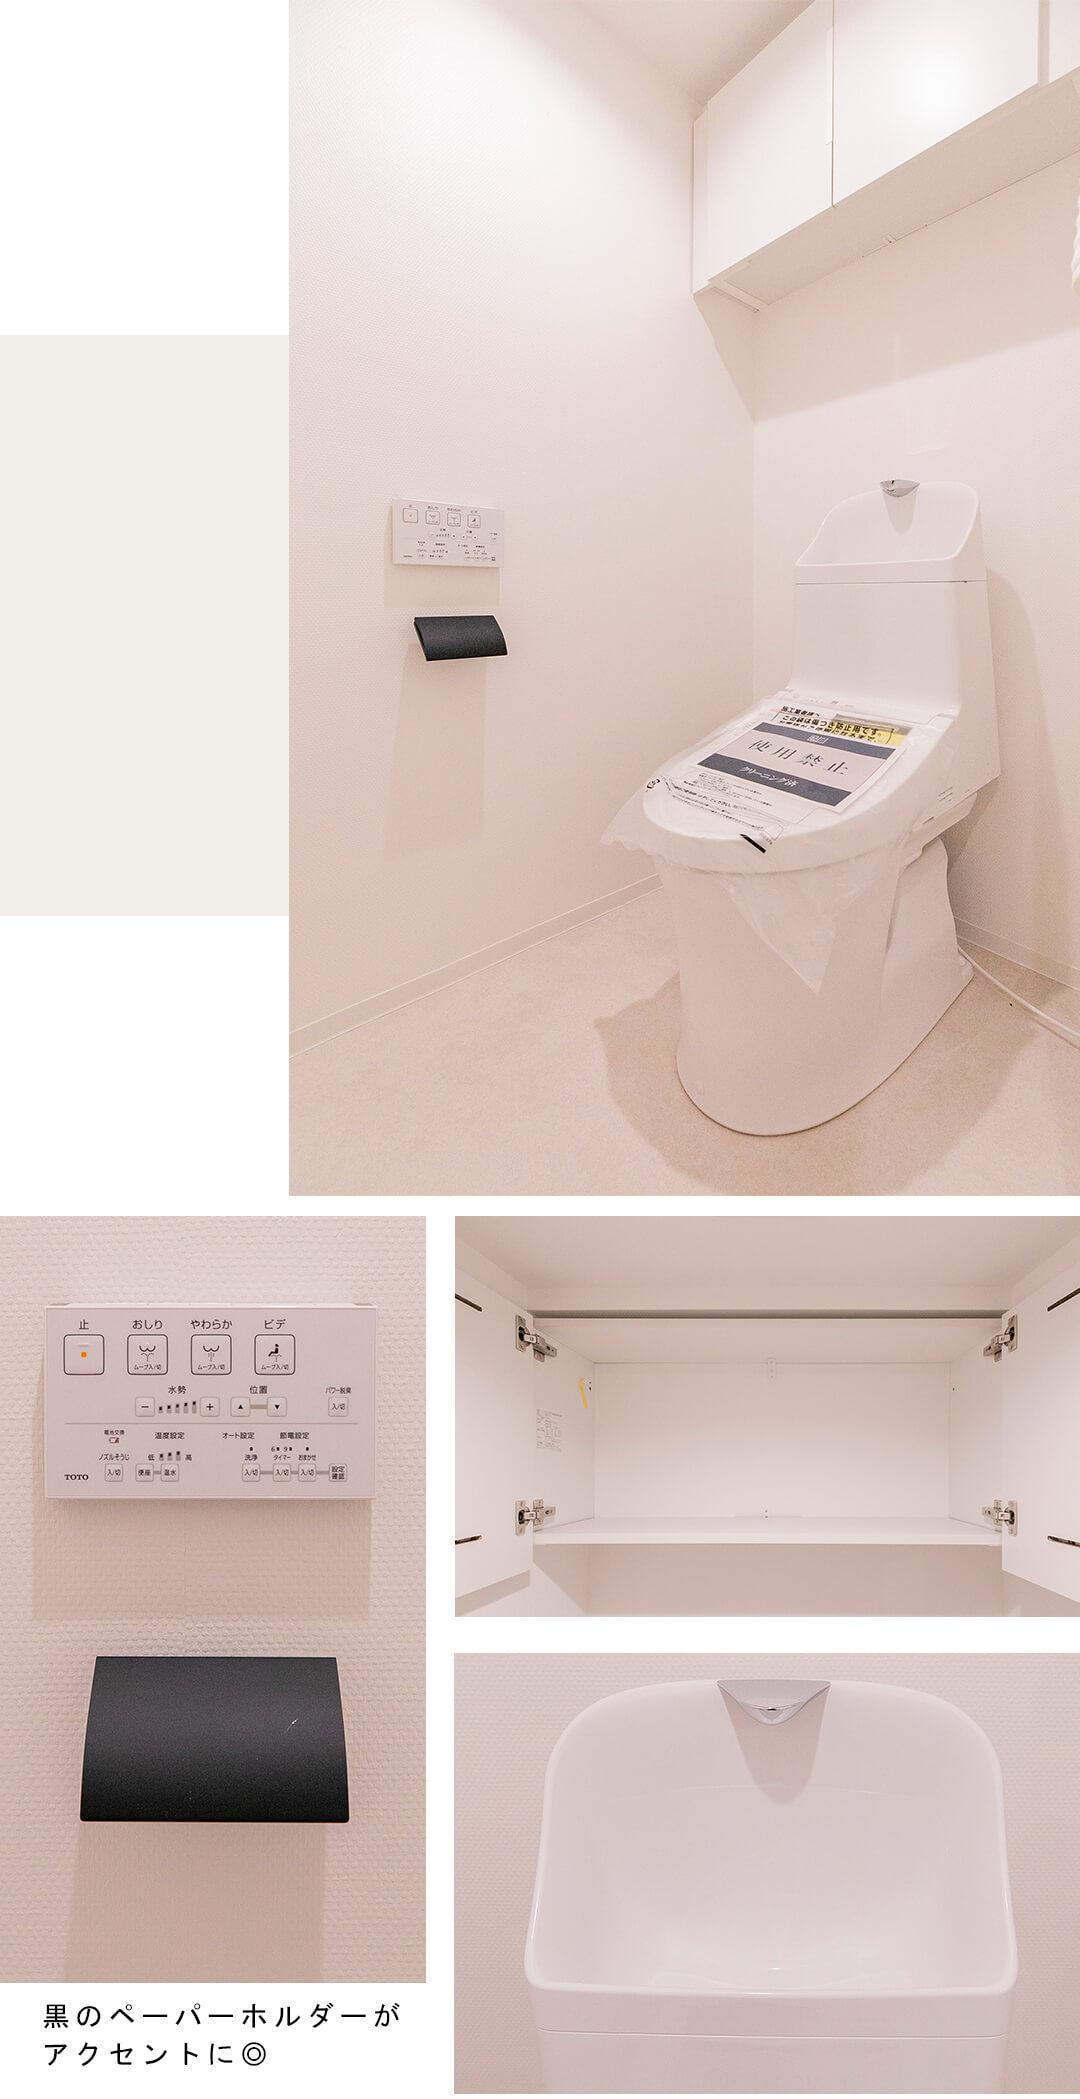 上目黒小川坂ハイツのトイレ